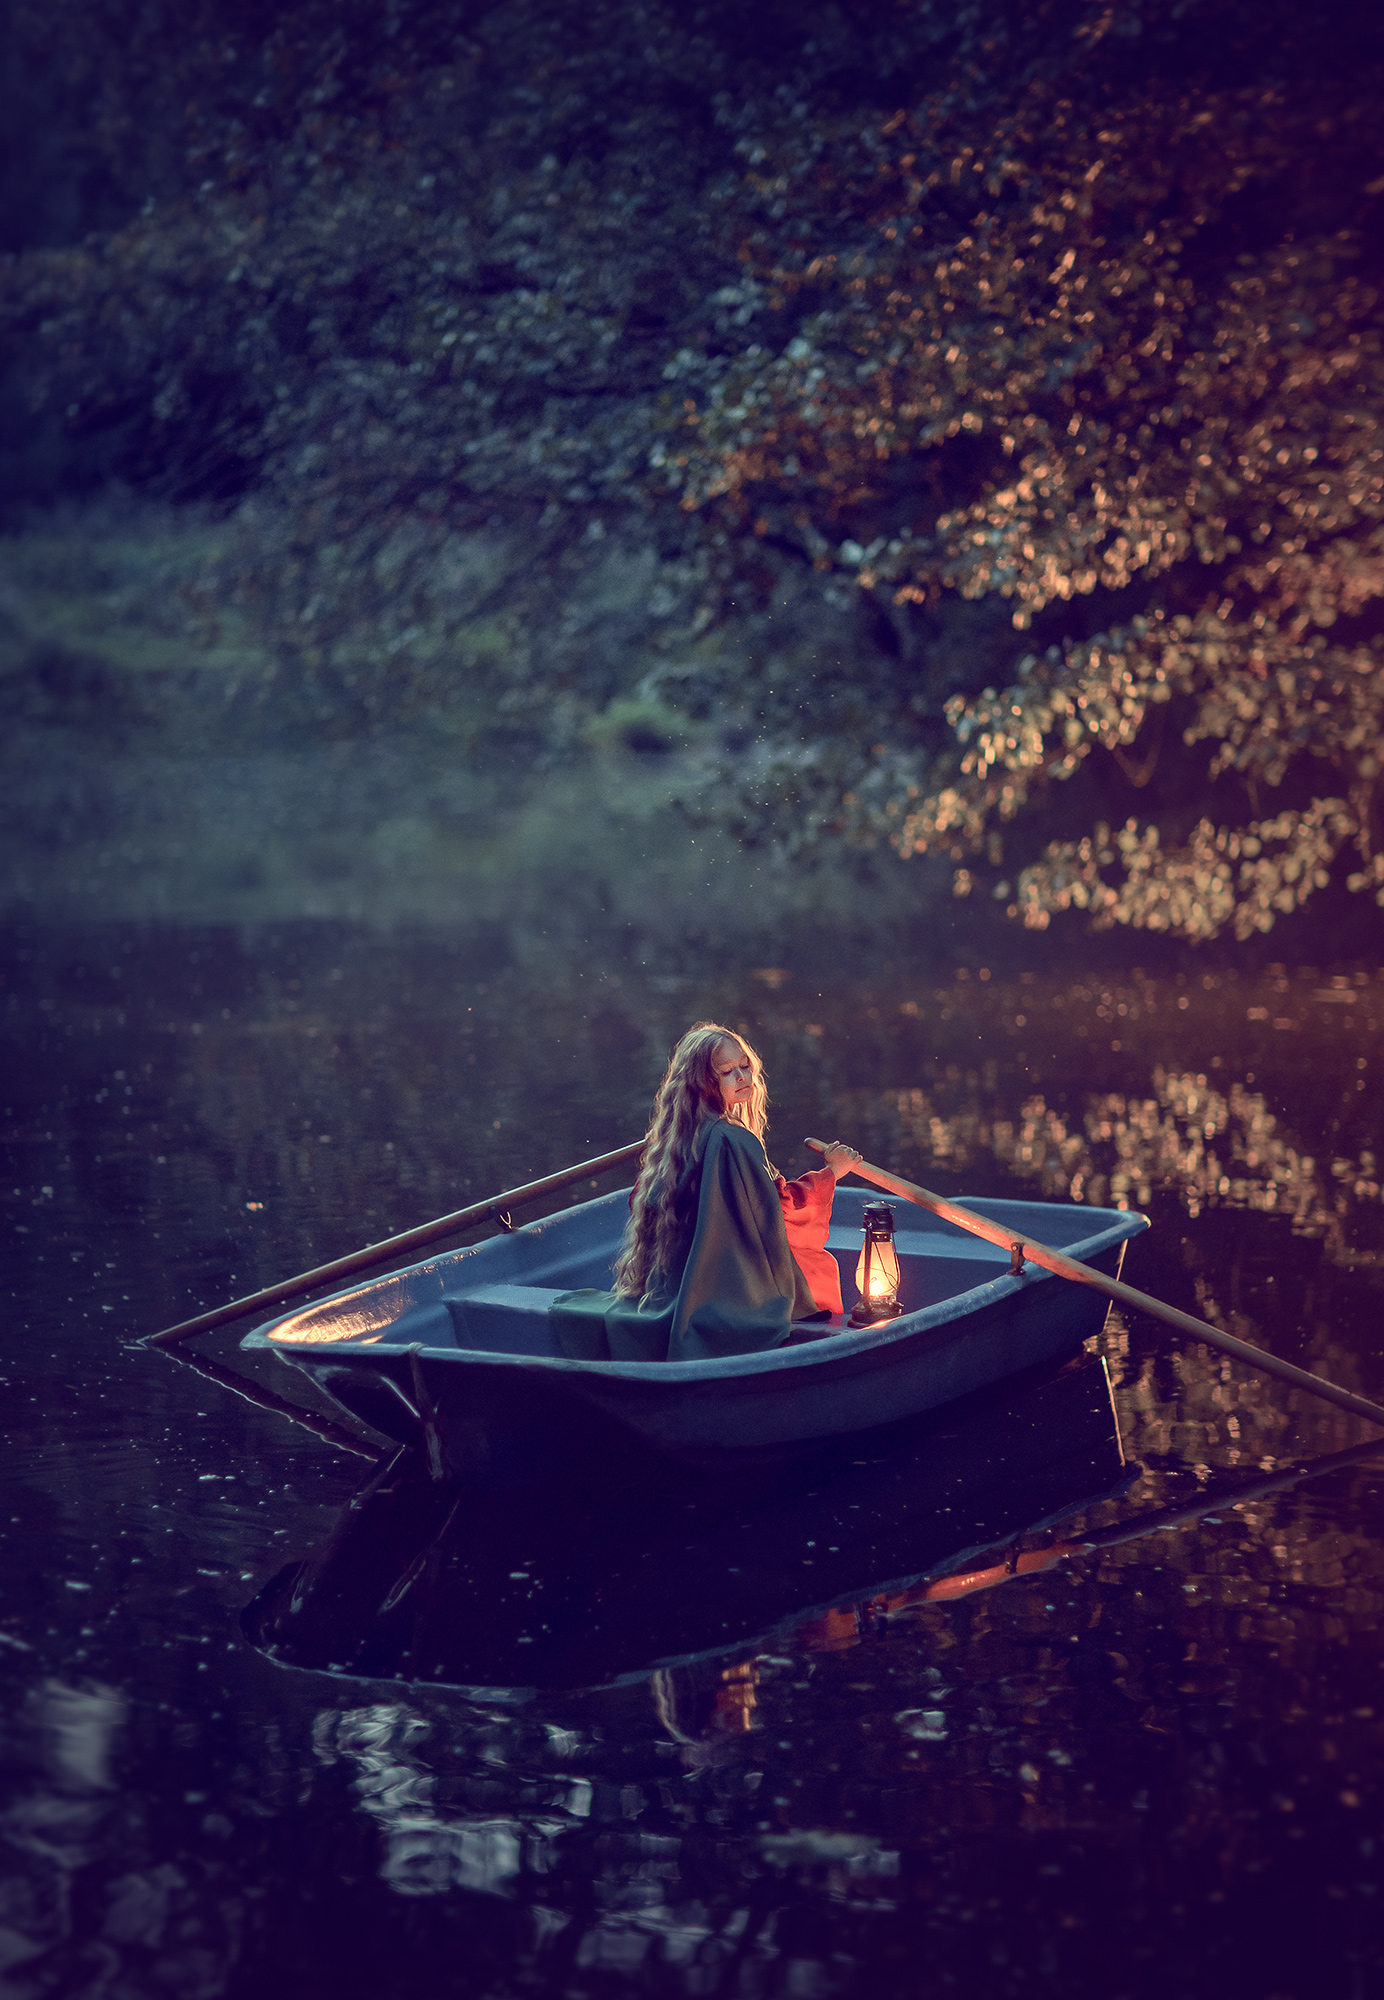 фотограф для девочки в москве. волшебные фотосессии на воде. фотосессия в лодке